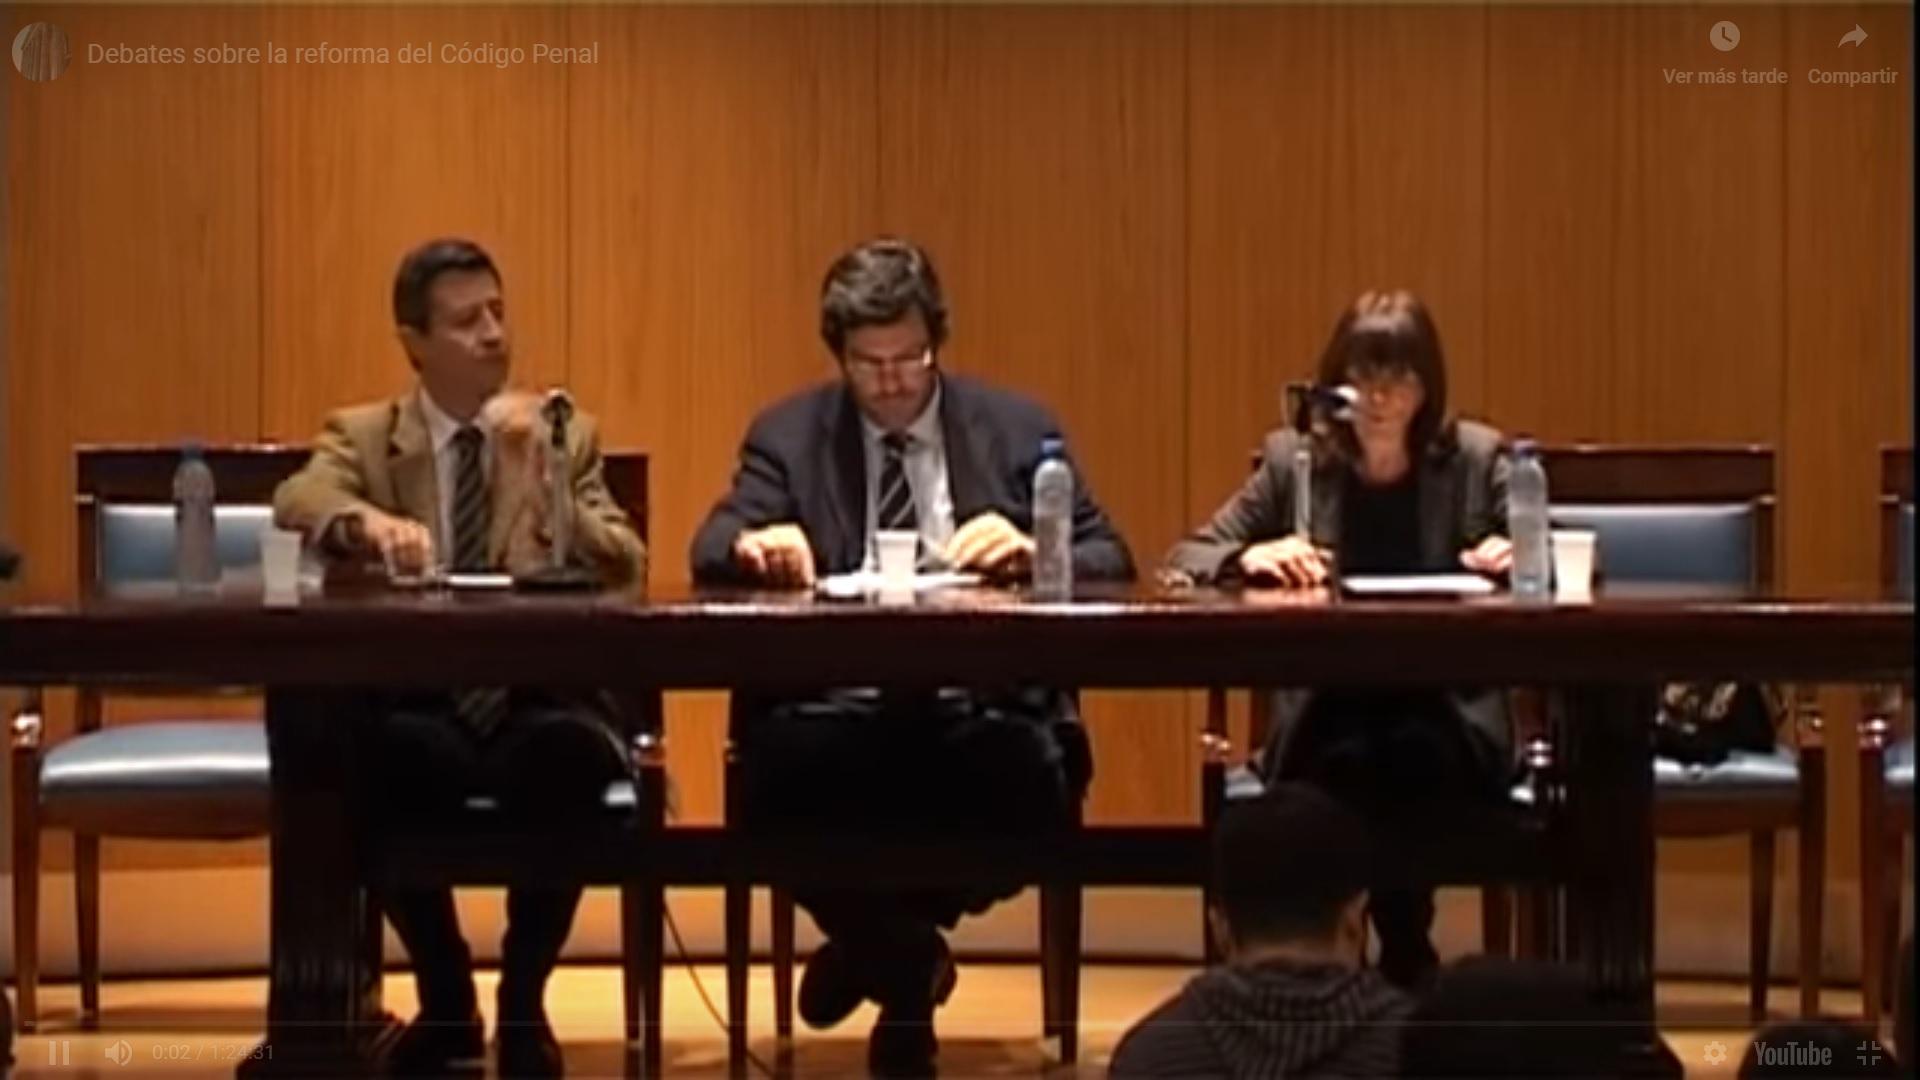 Debates sobre la reforma del Código Penal